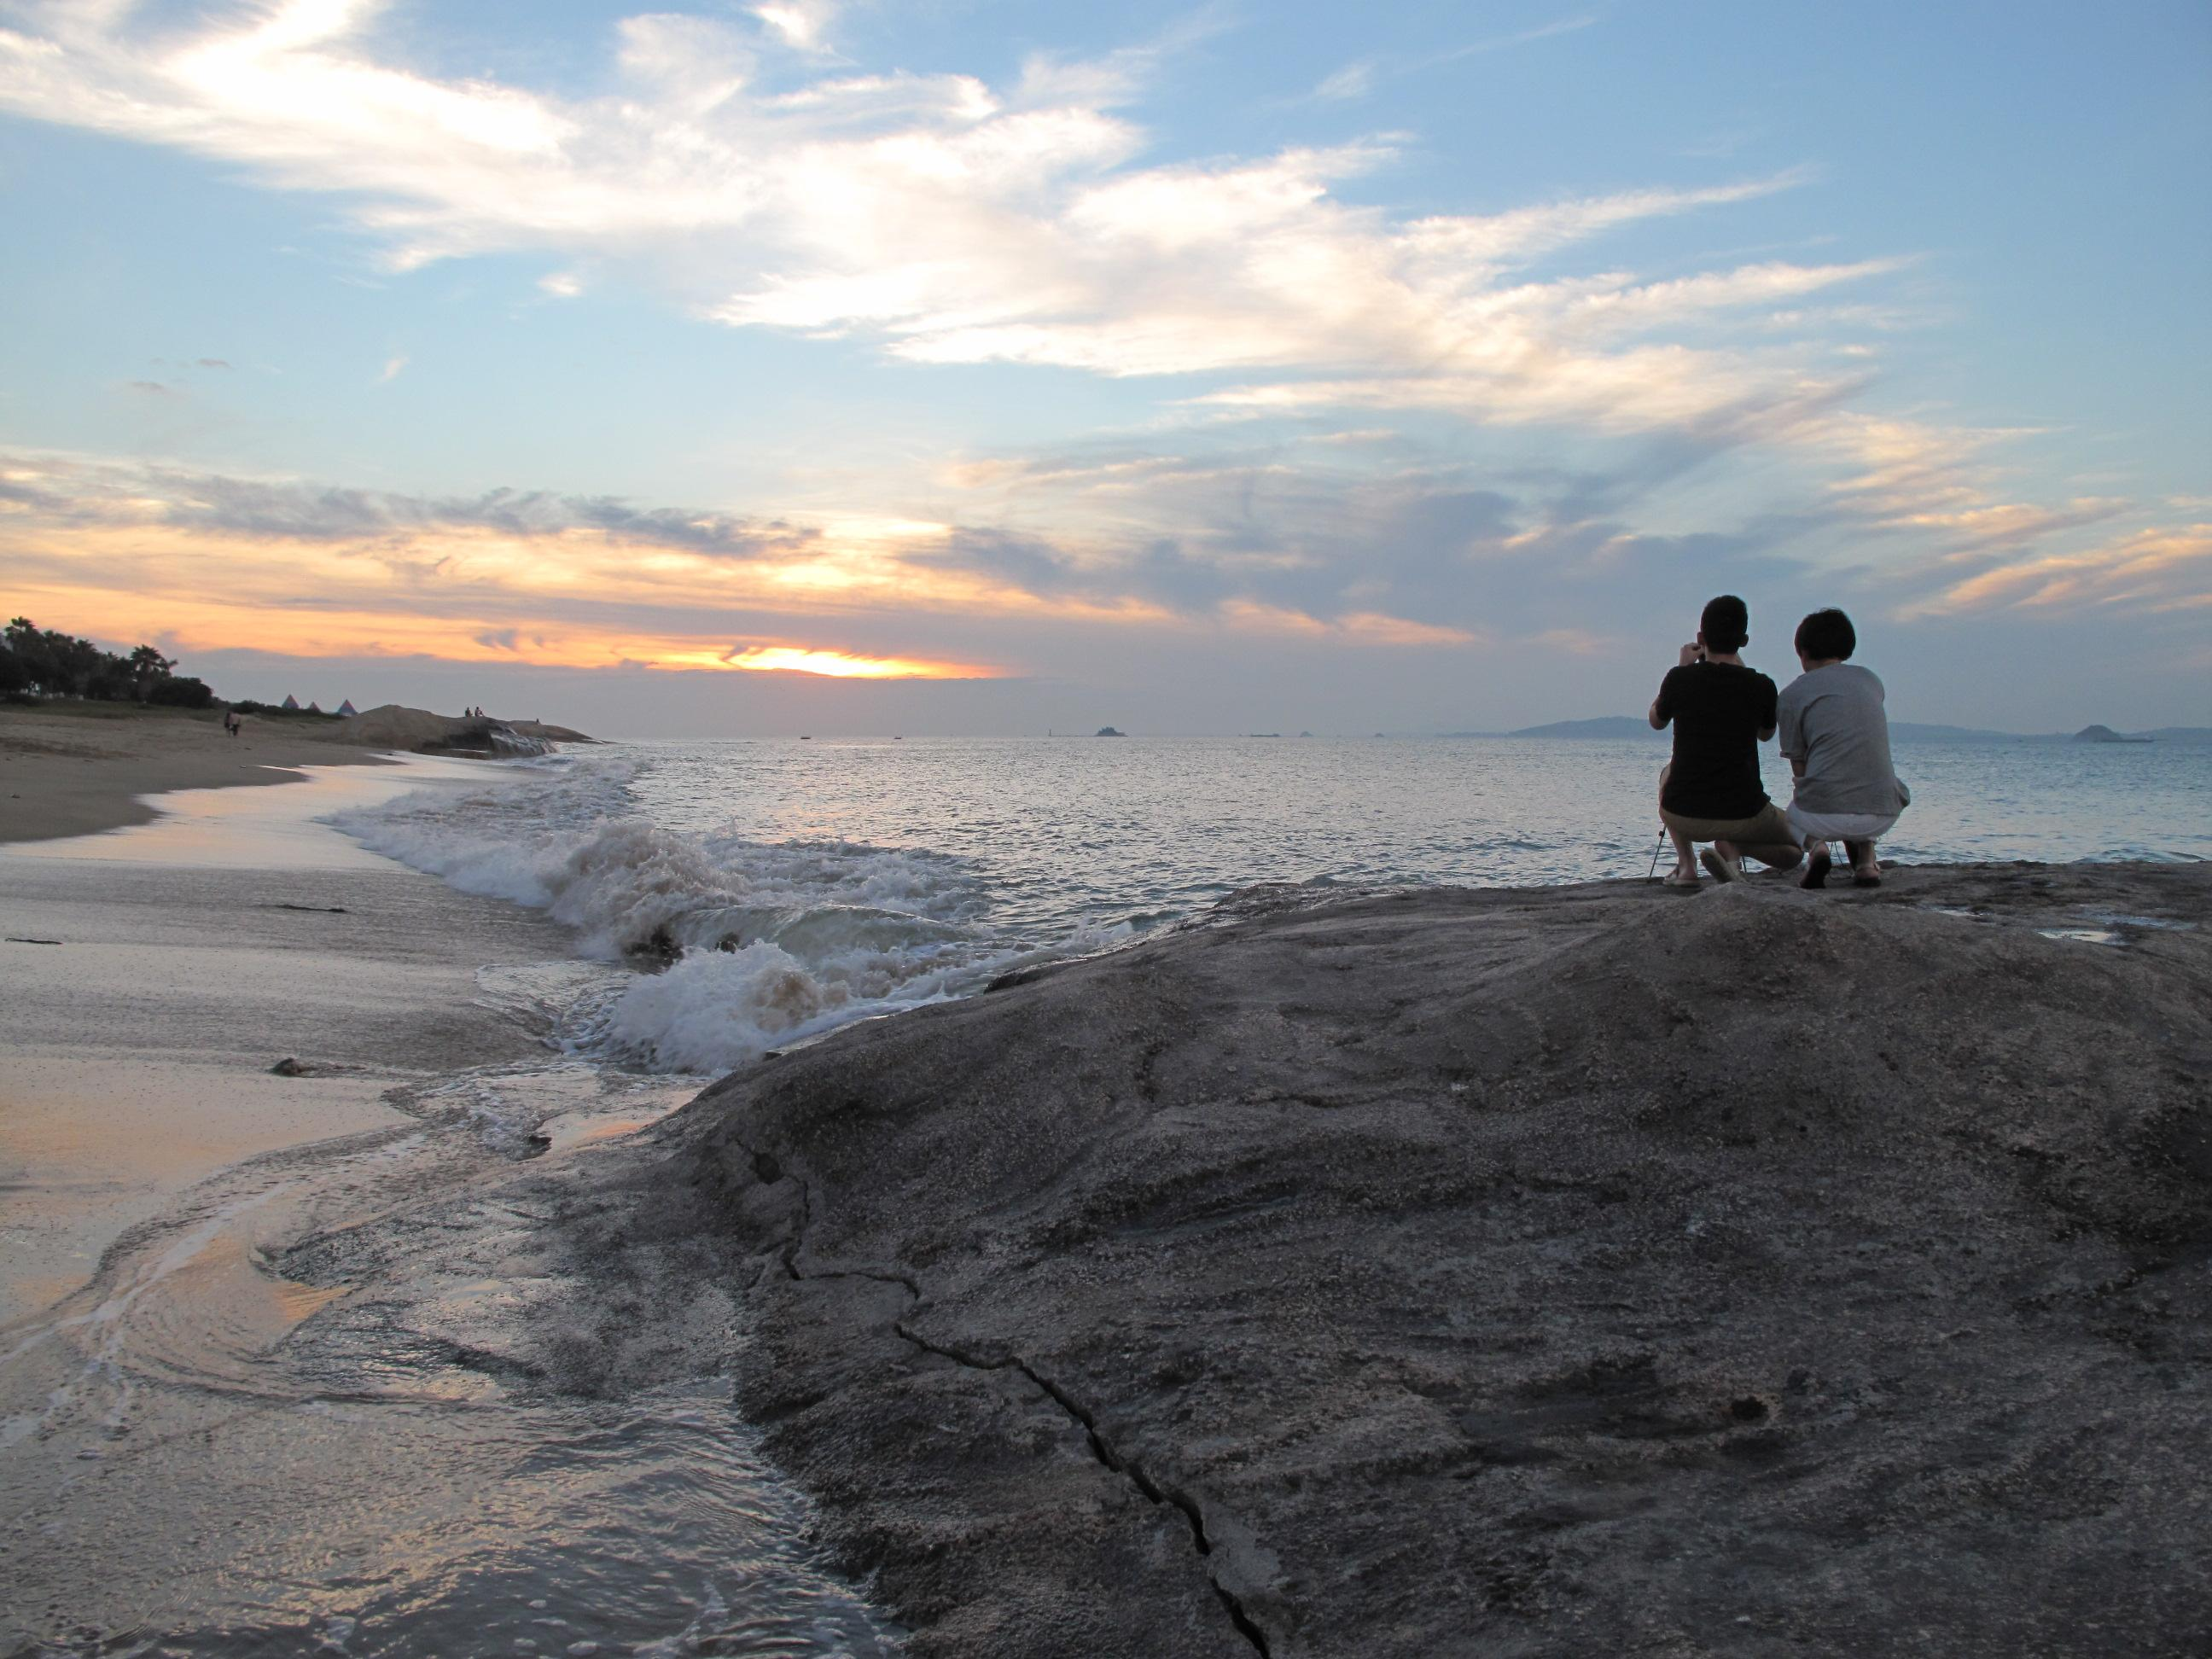 上看_厦门环岛路上看日出,日出总能带给你希望